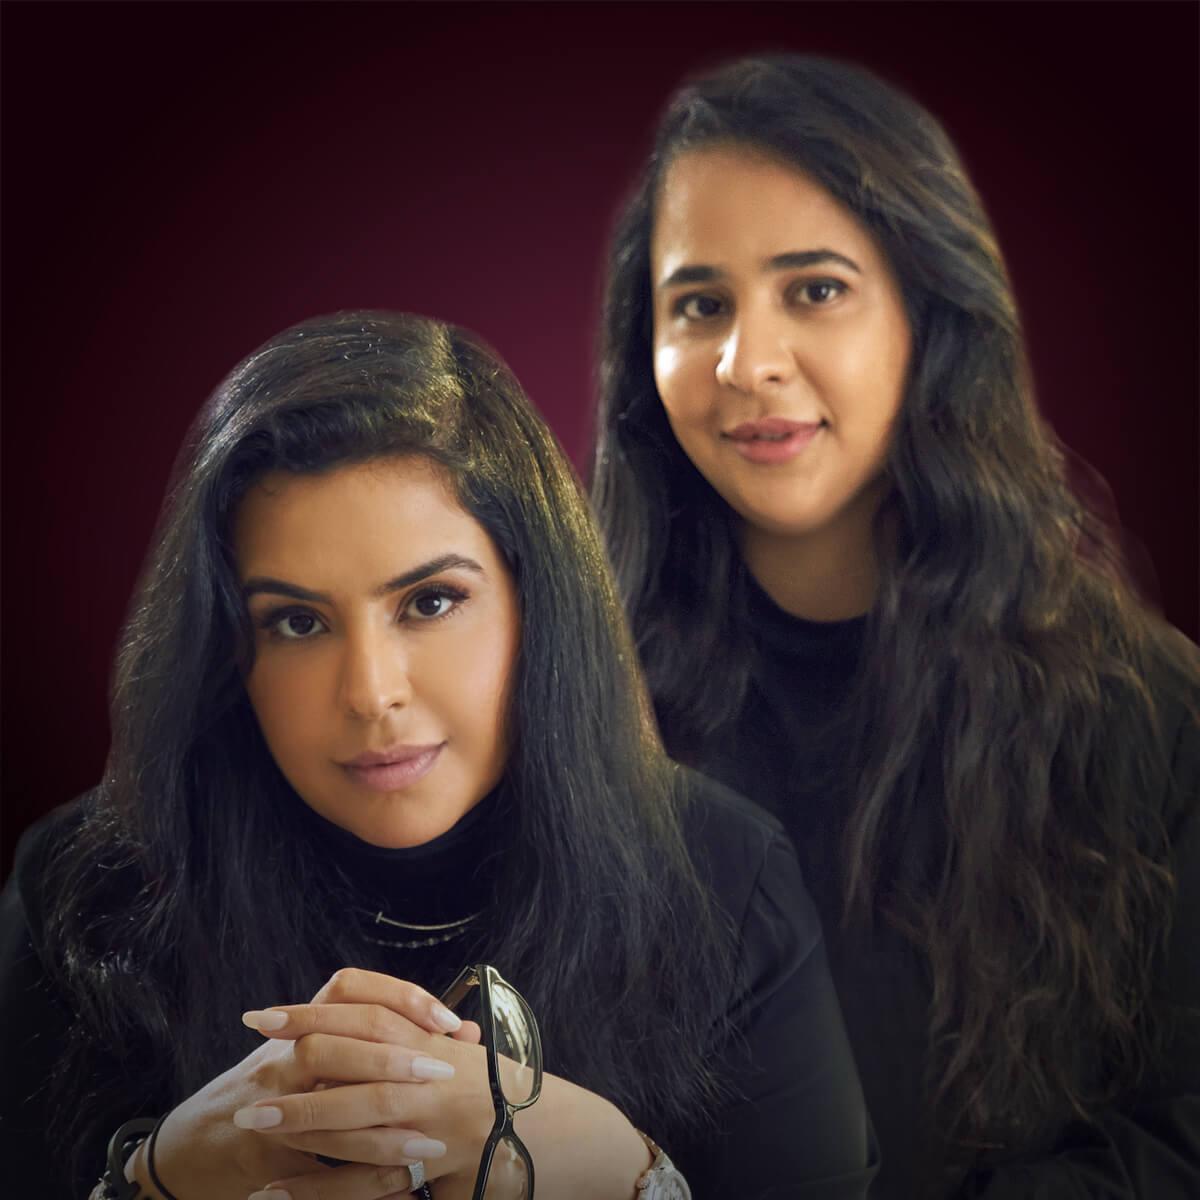 Noor Rashid and Haya Mohammed Al Khalifa